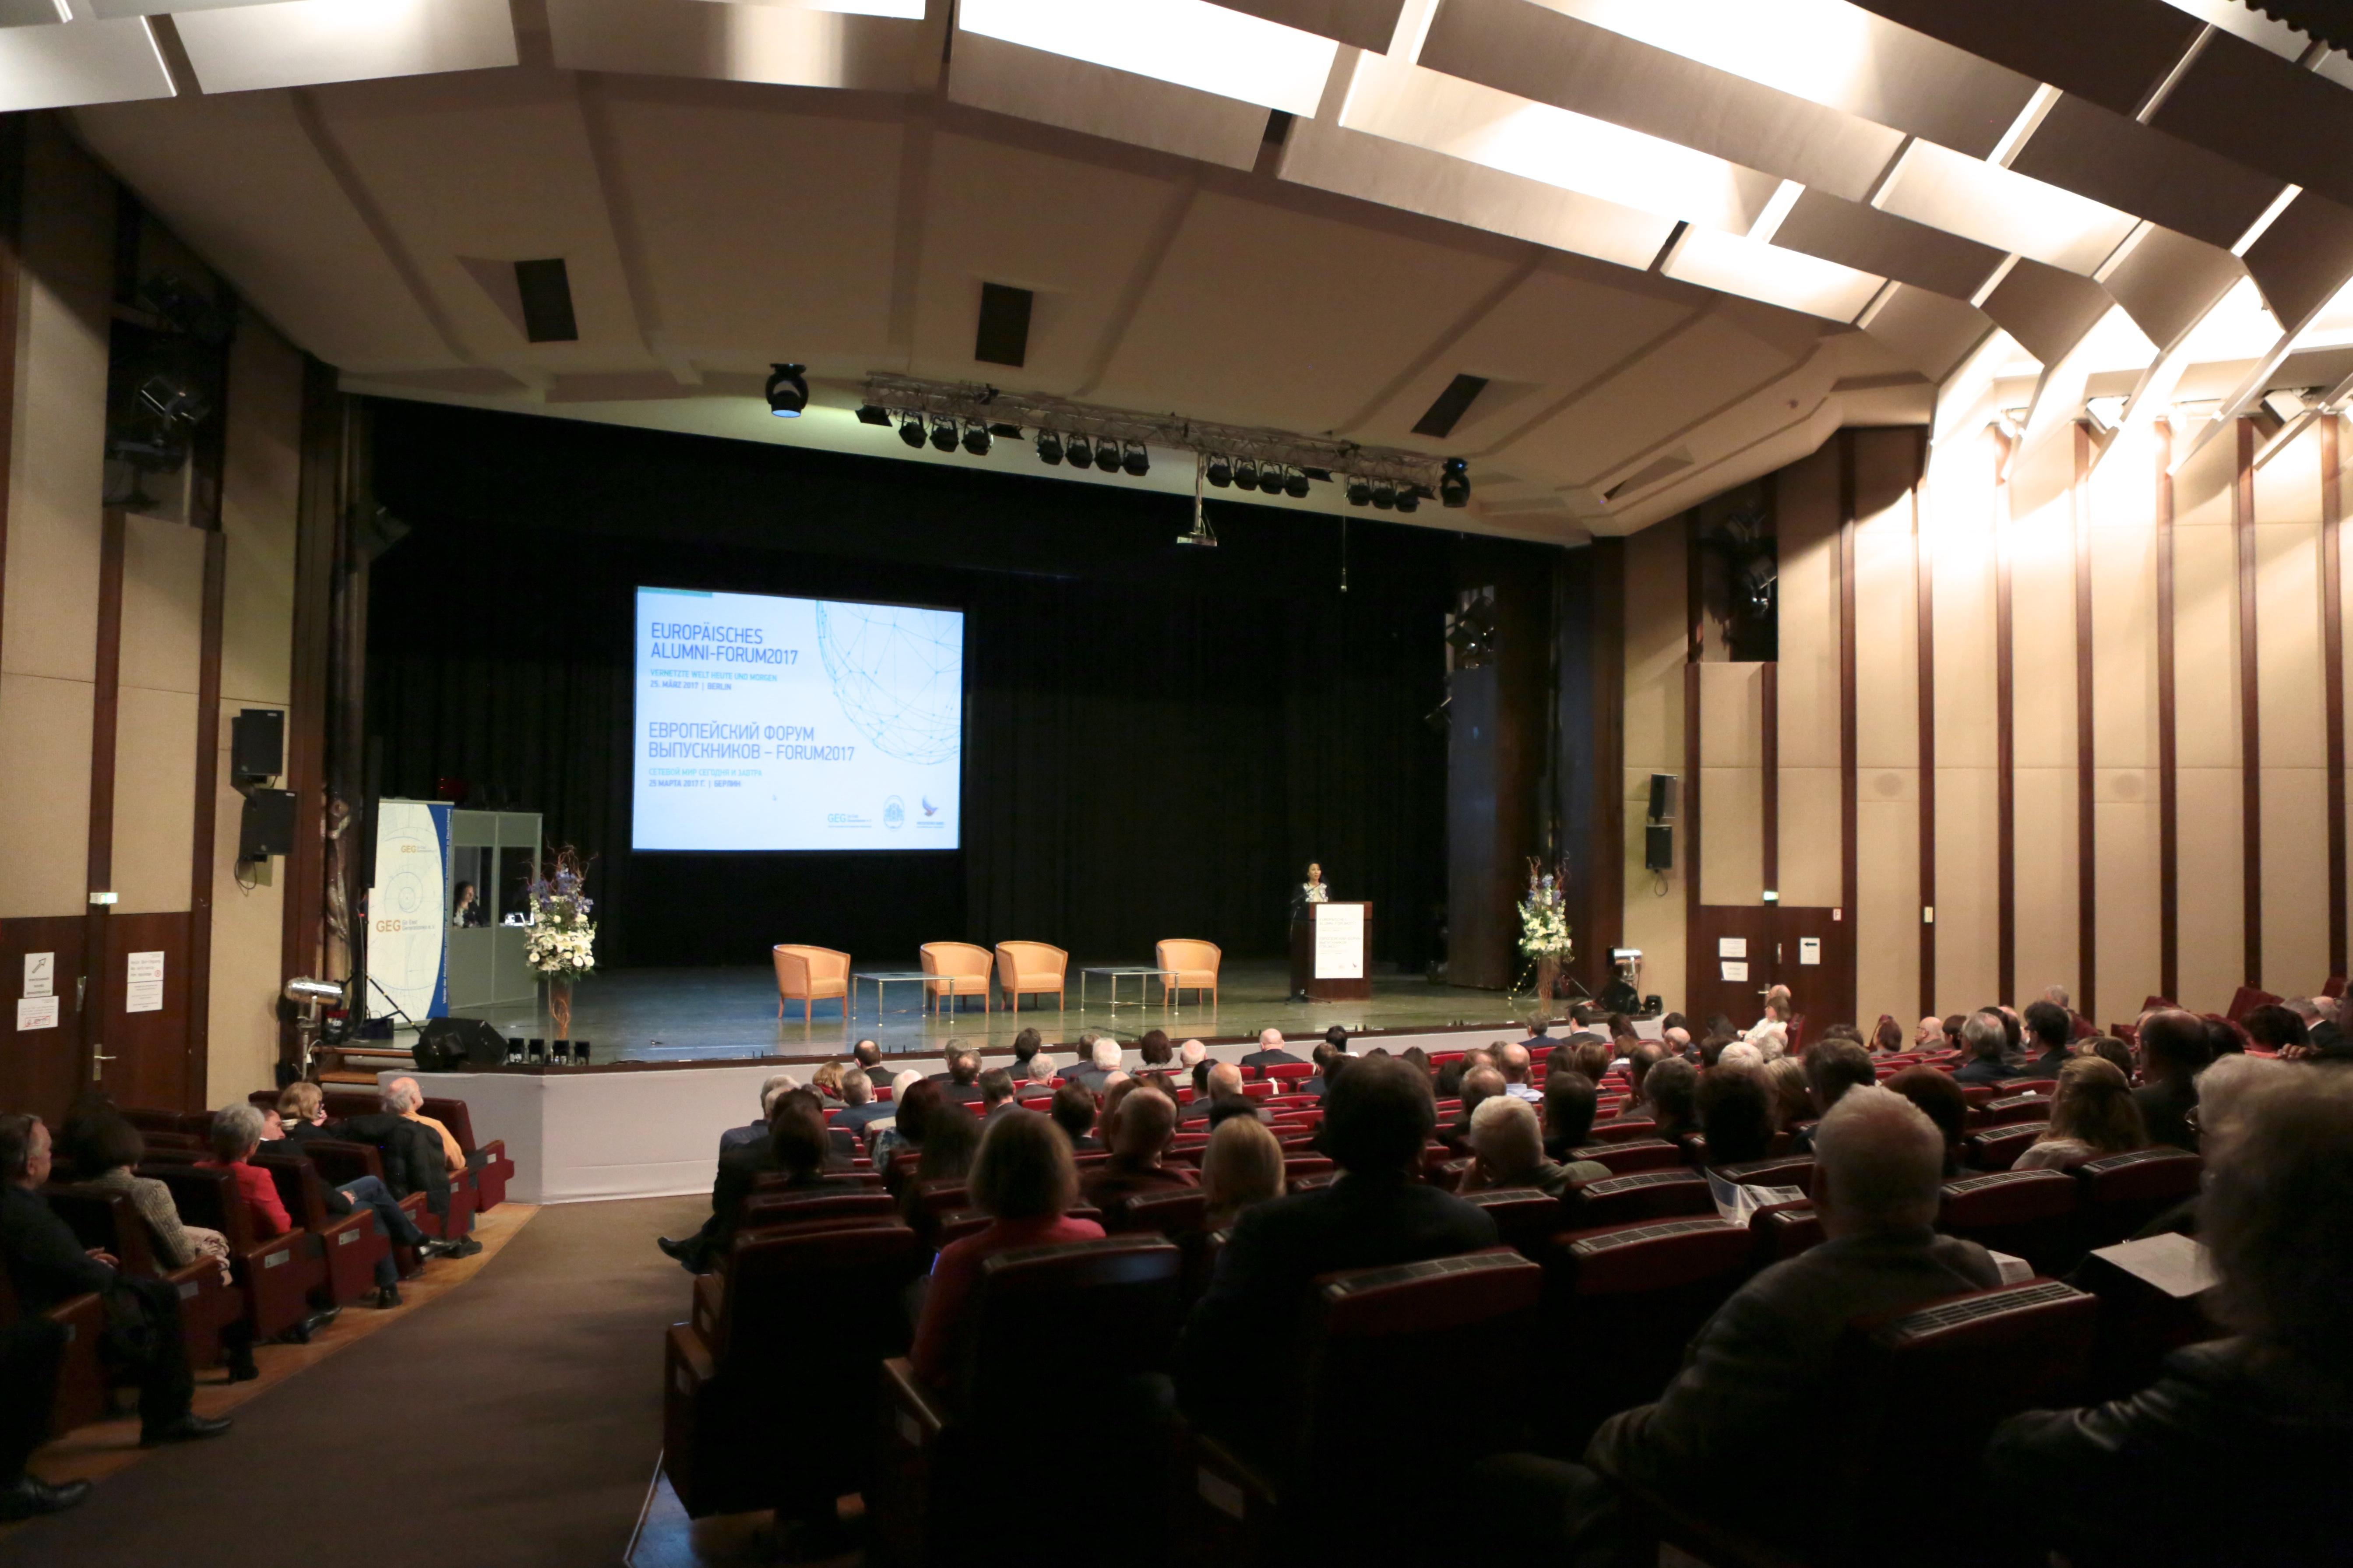 Das Europäische Alumni-Forum wurde mit Grußworten des Veranstalters und der Partner eröffnet.